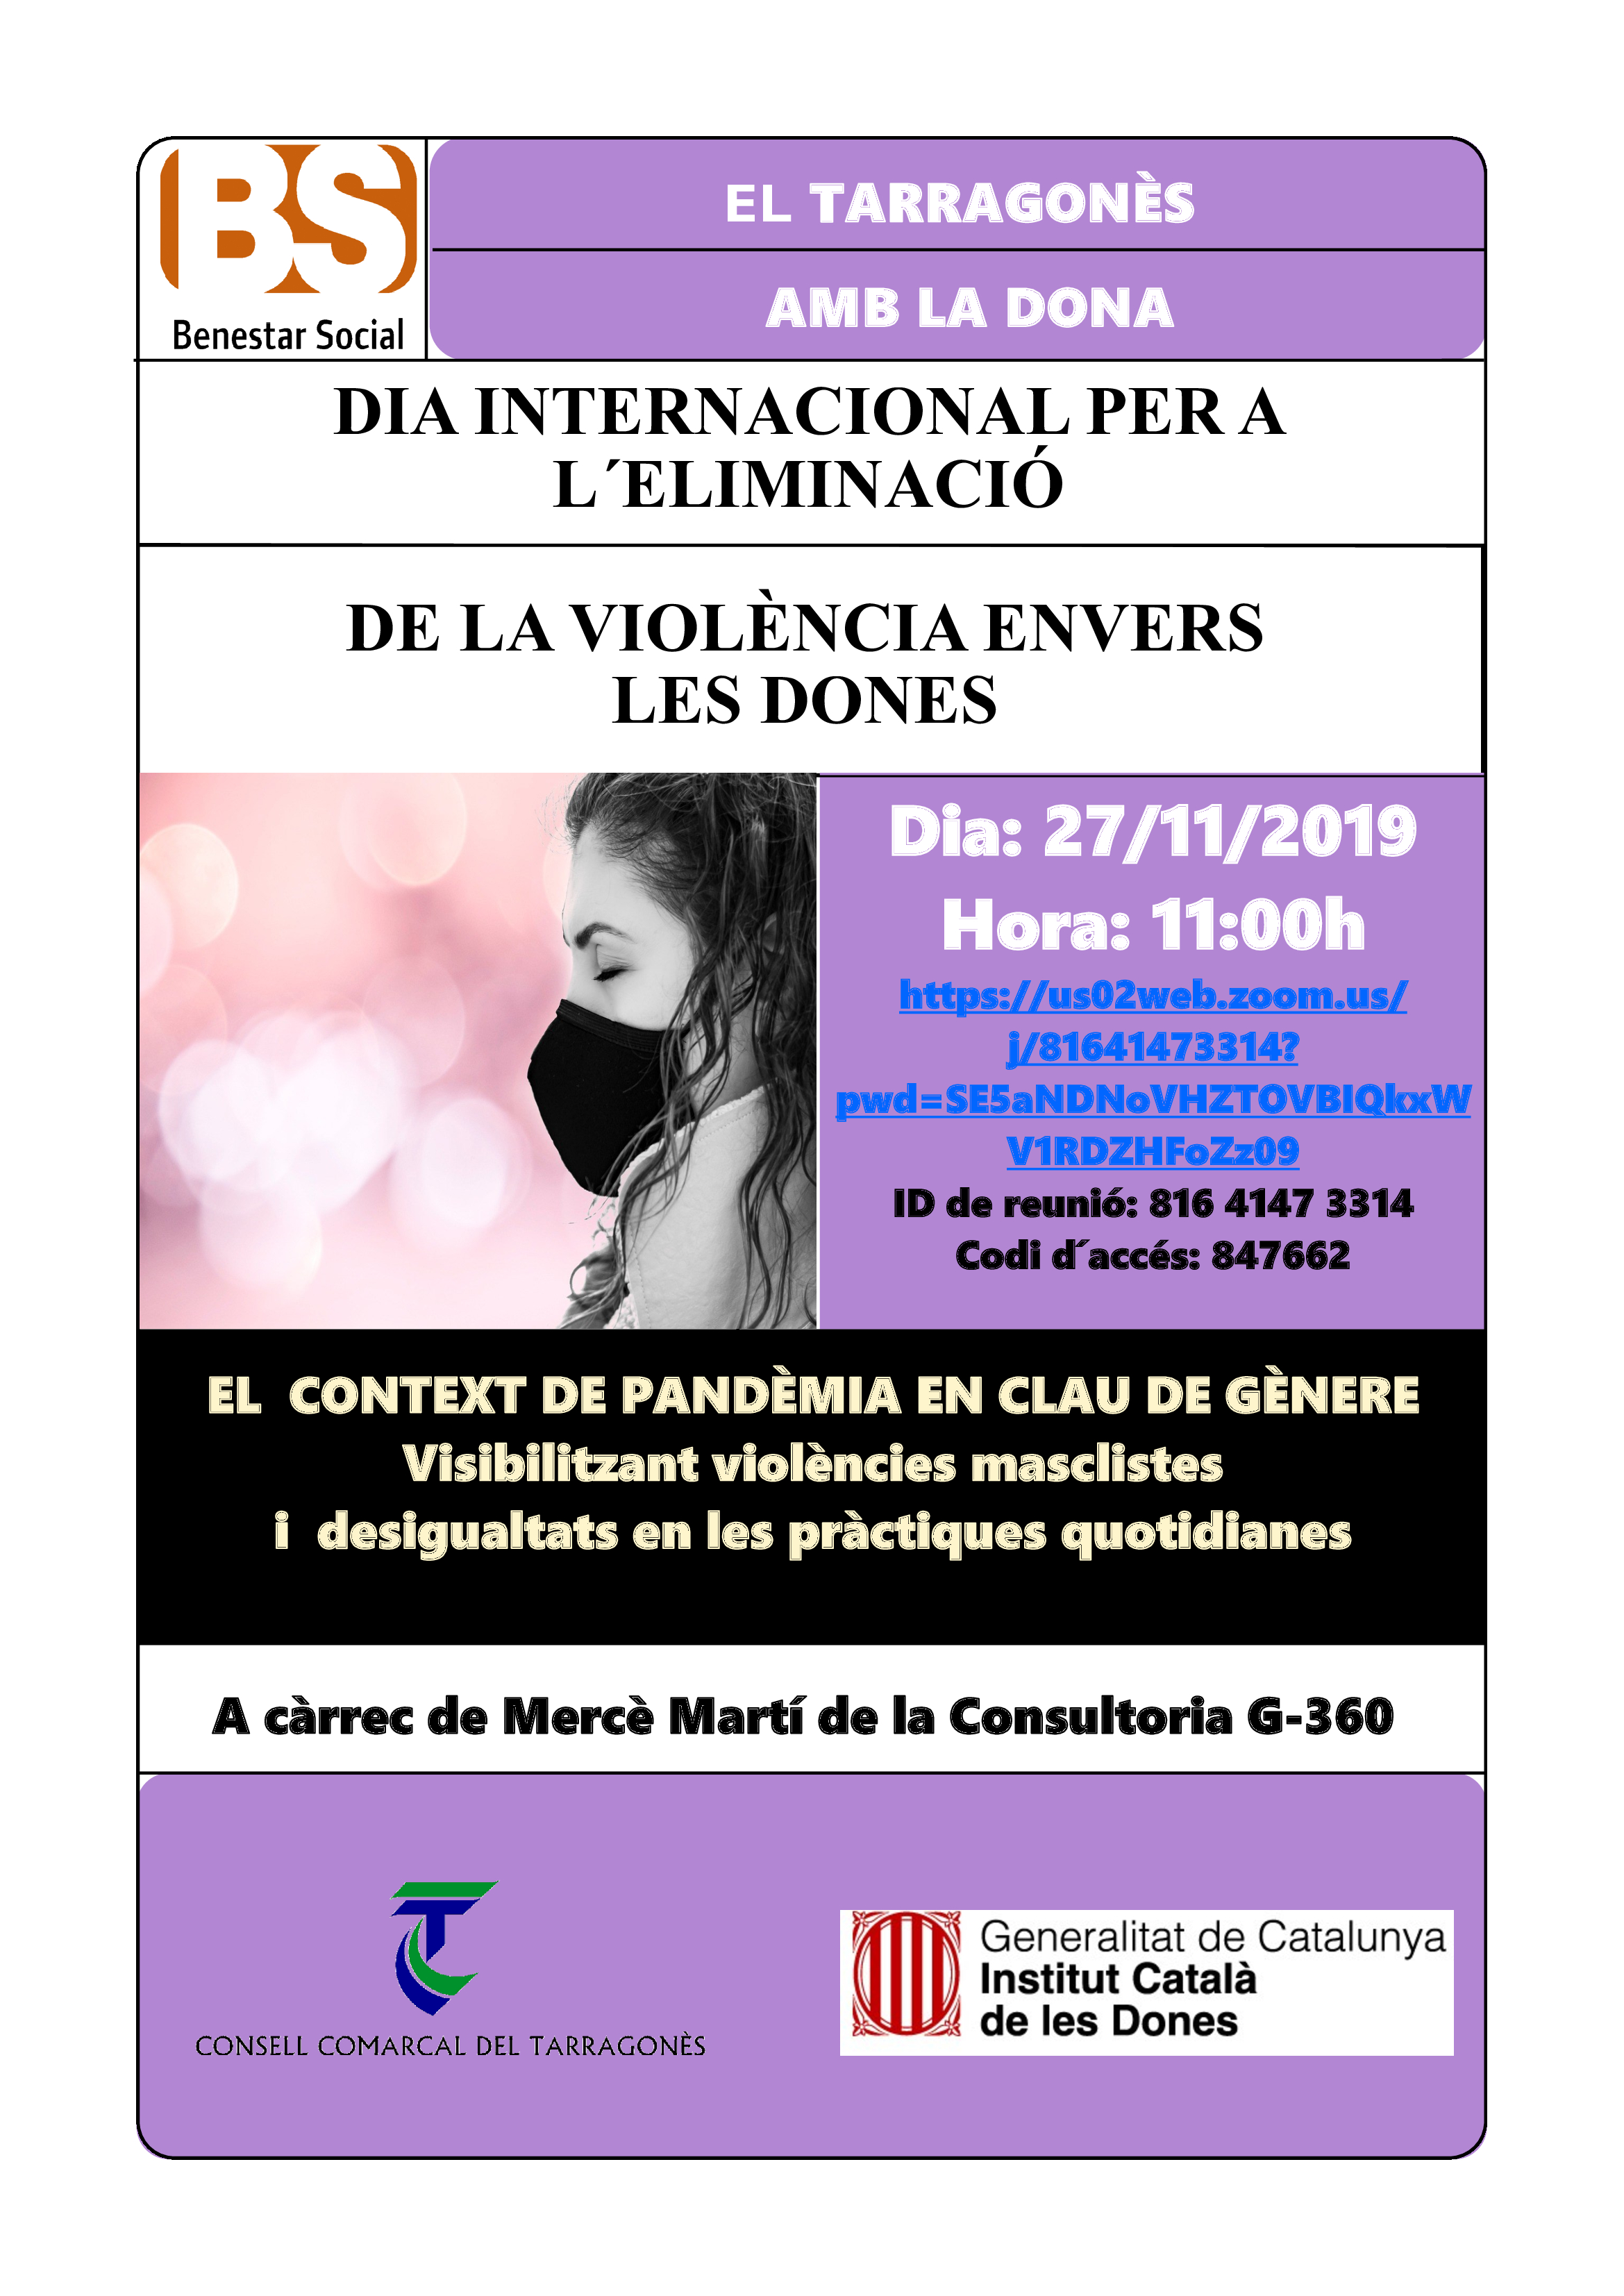 CONSELL COMARCAL DEL TARRAGONÈS - 25N DIA INTERNACIONAL DE L'ELIMINACIÓ DE LA VIOLÈNCIA ENVERS LES DONES